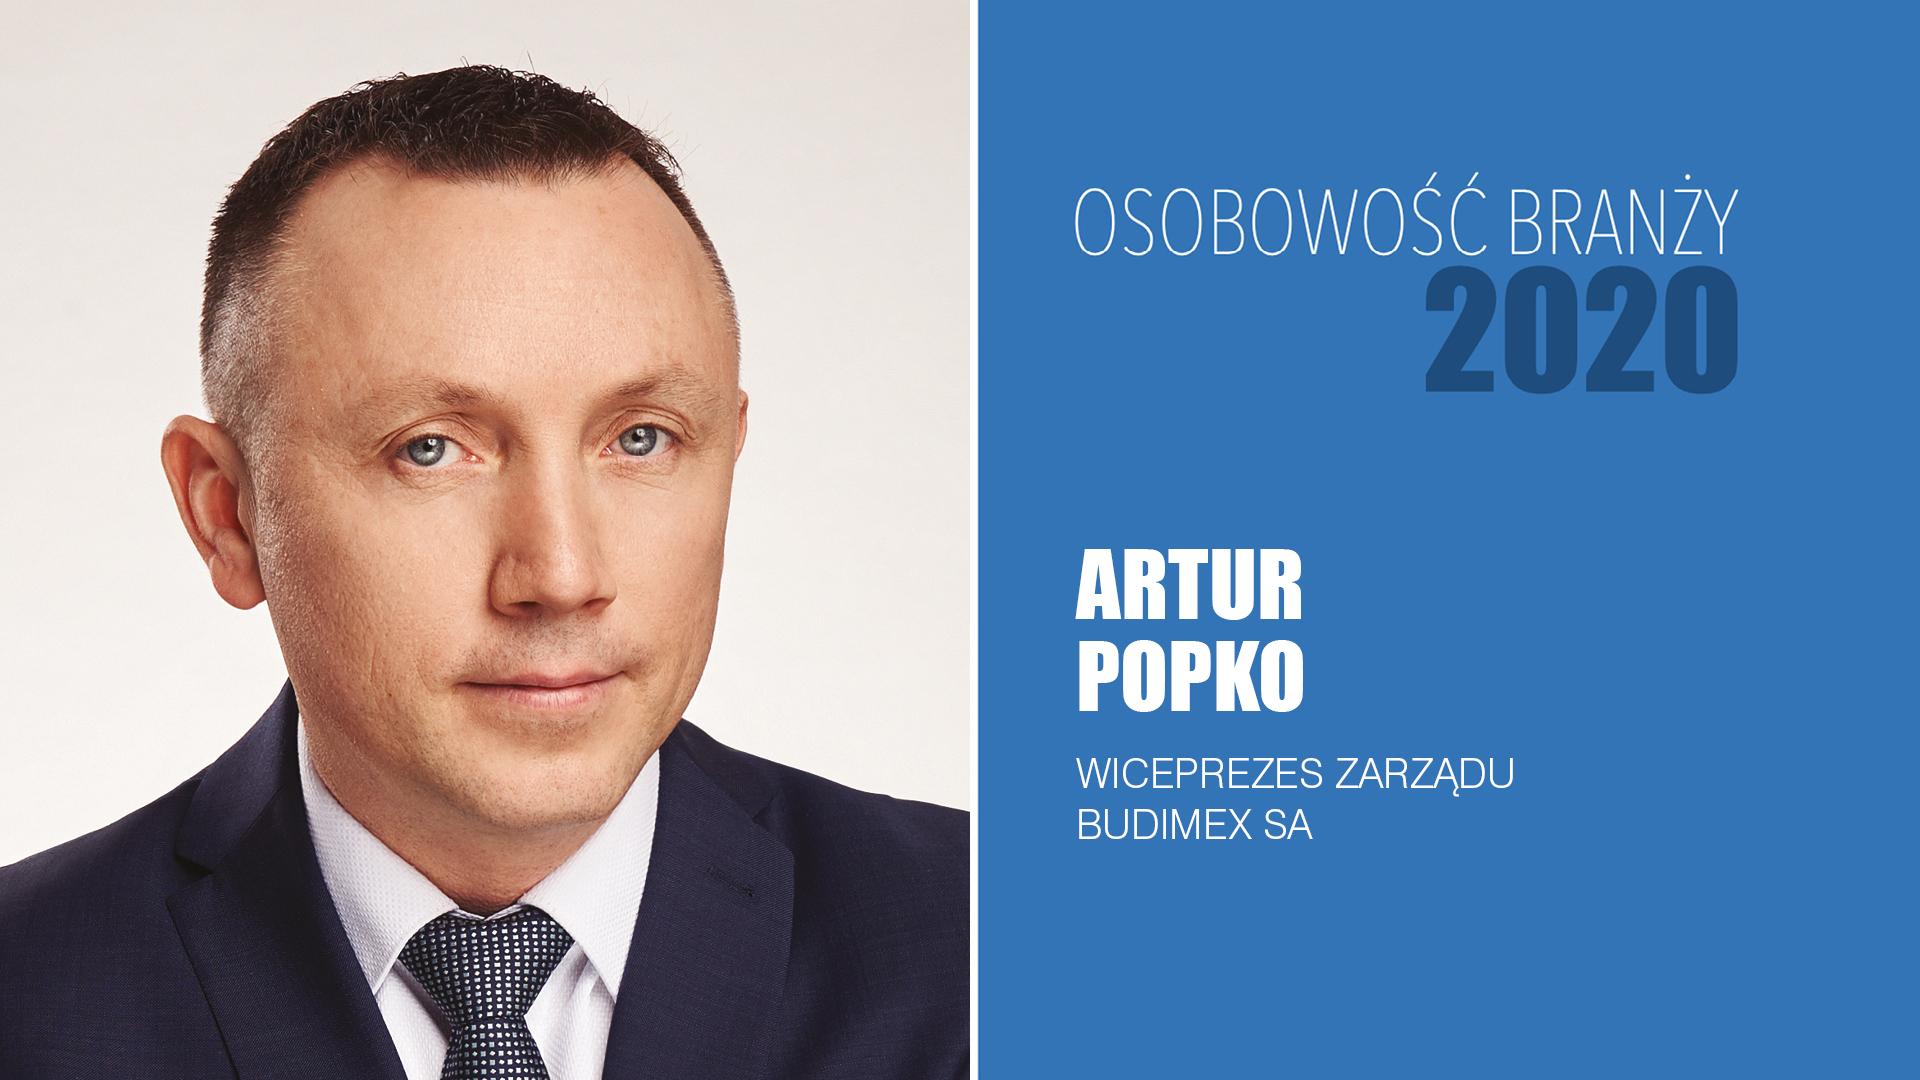 ARTUR POPKO – Osobowość Branży 2020